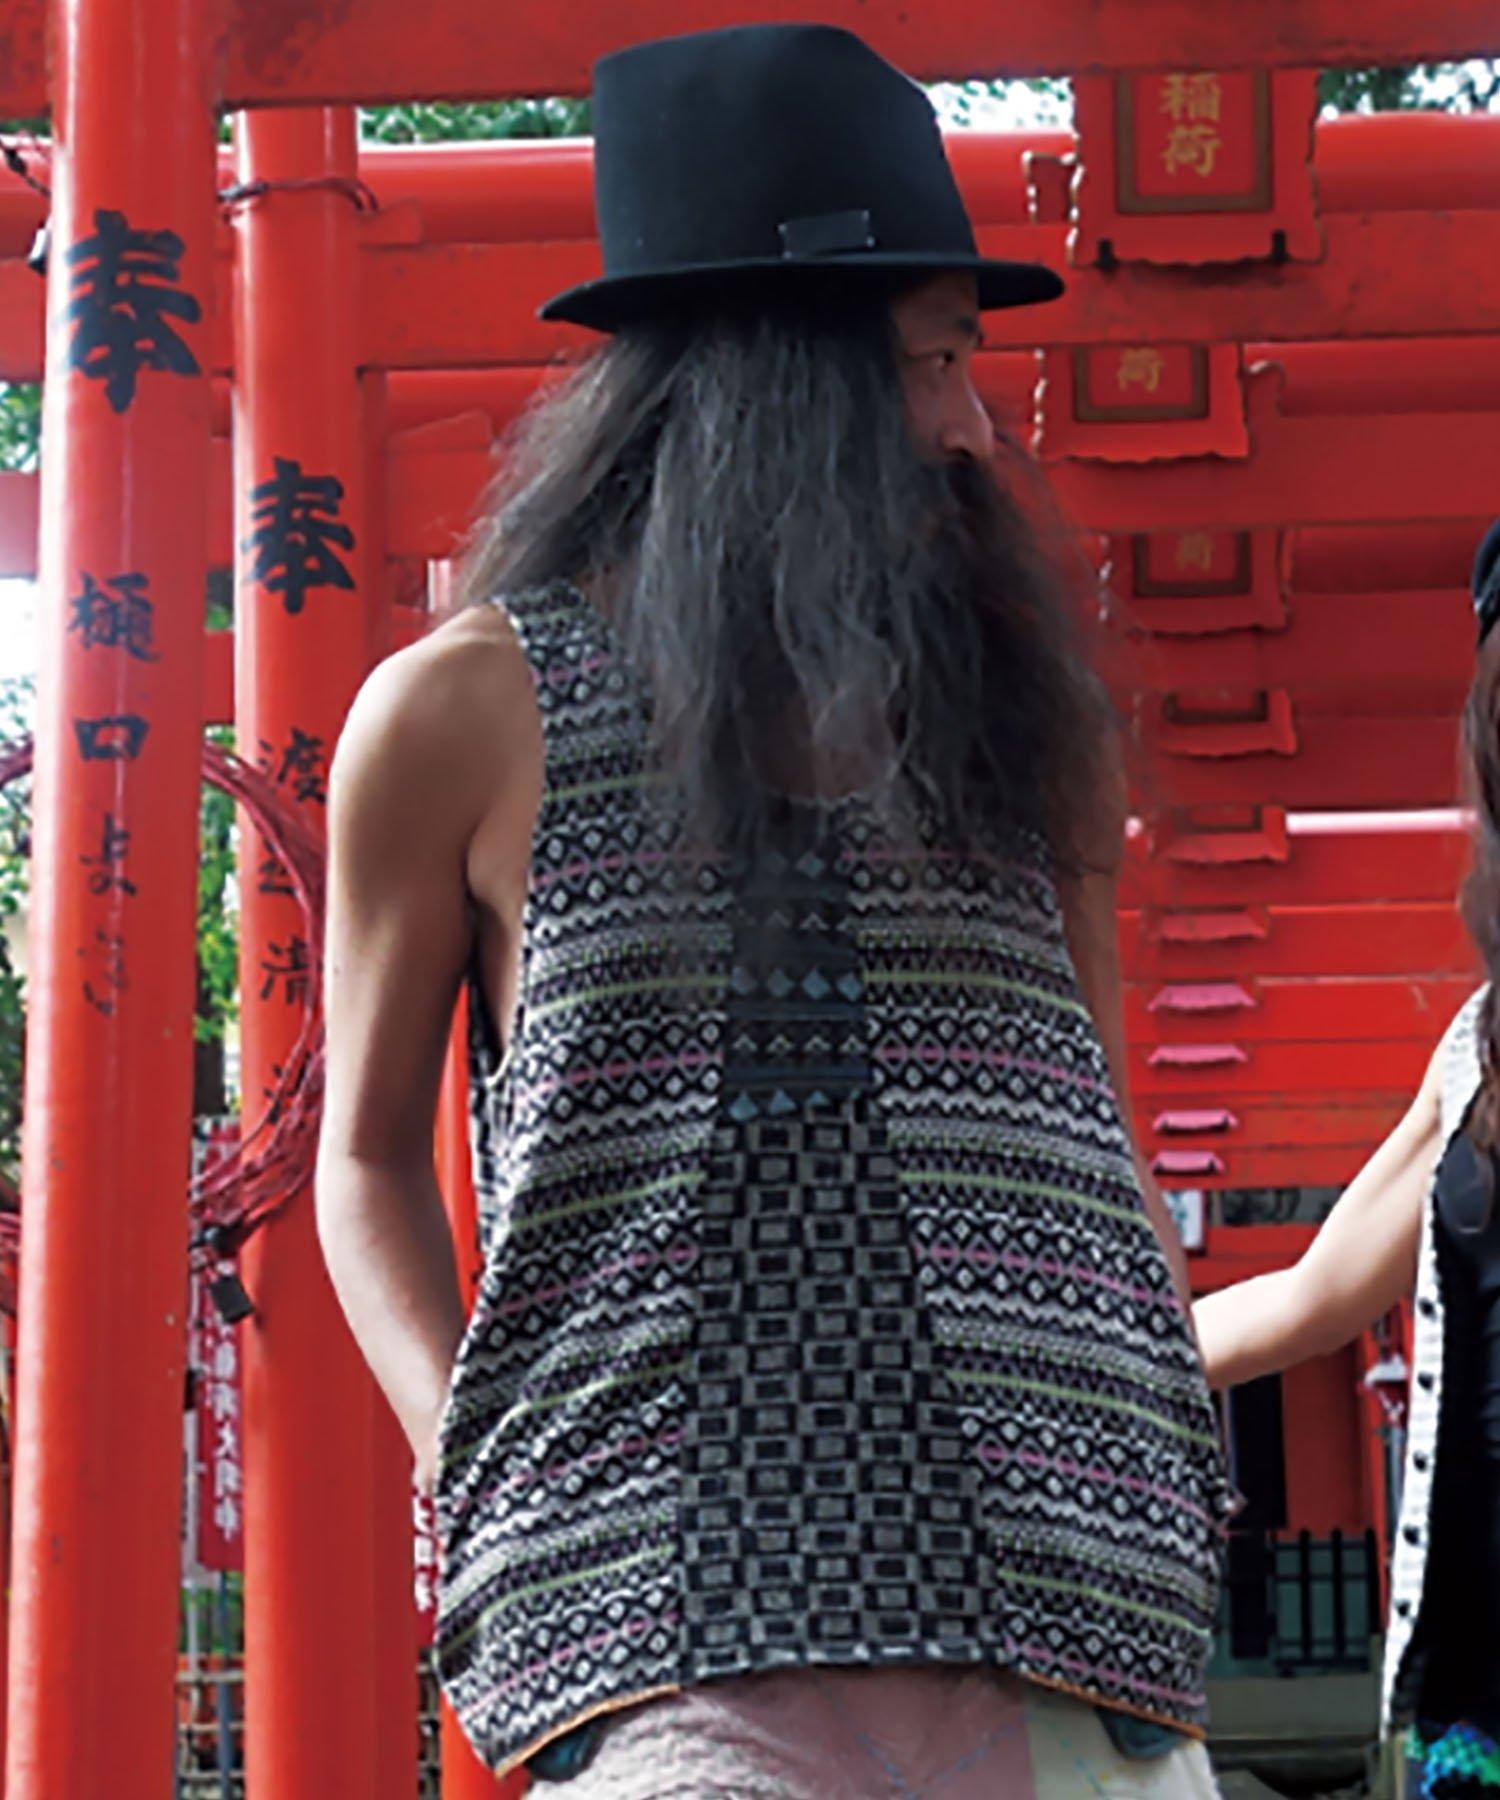 ARIGATO FAKKYU - アリガトファッキュ TANK TOP / MATCHA GREEN / PINK